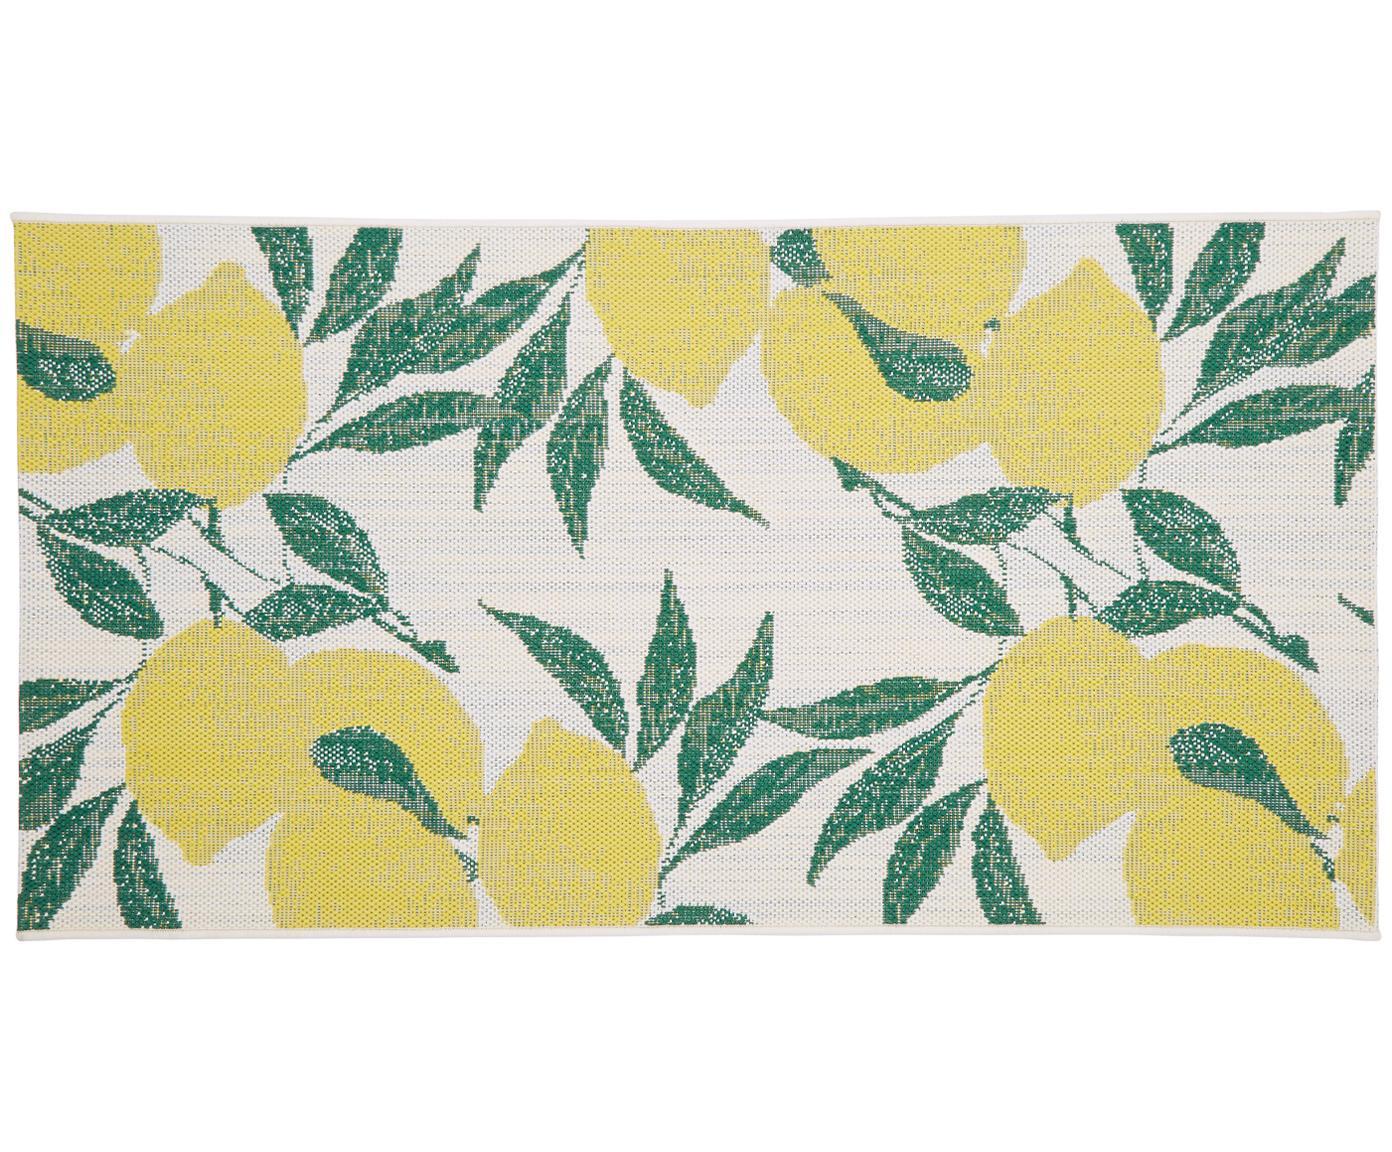 Dywan wewnętrzny/zewnętrzny Limonia, Kremowobiały, żółty, zielony, S 80 x D 150 cm (Rozmiar XS)